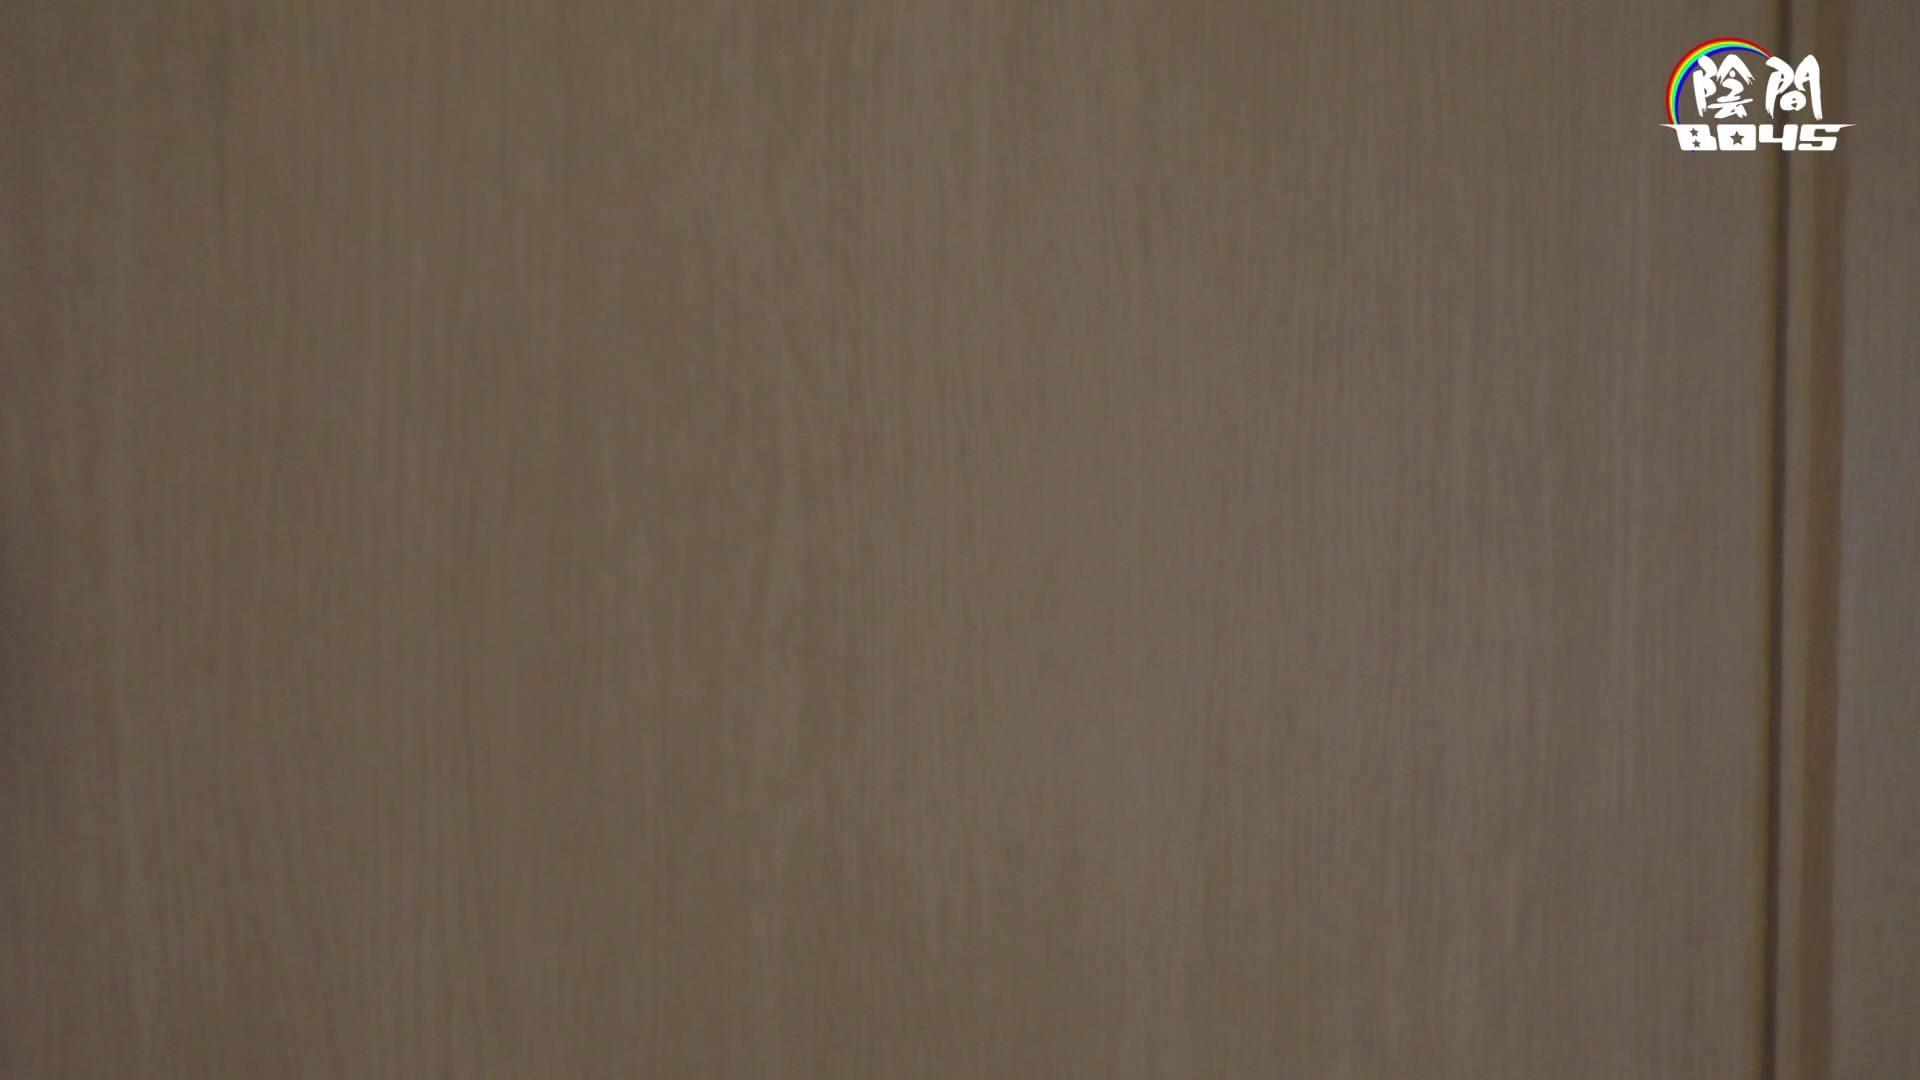 「君のアナルは」part2 ~ノンケの素顔~ Vol.03 無修正 ゲイエロ動画 93pic 67